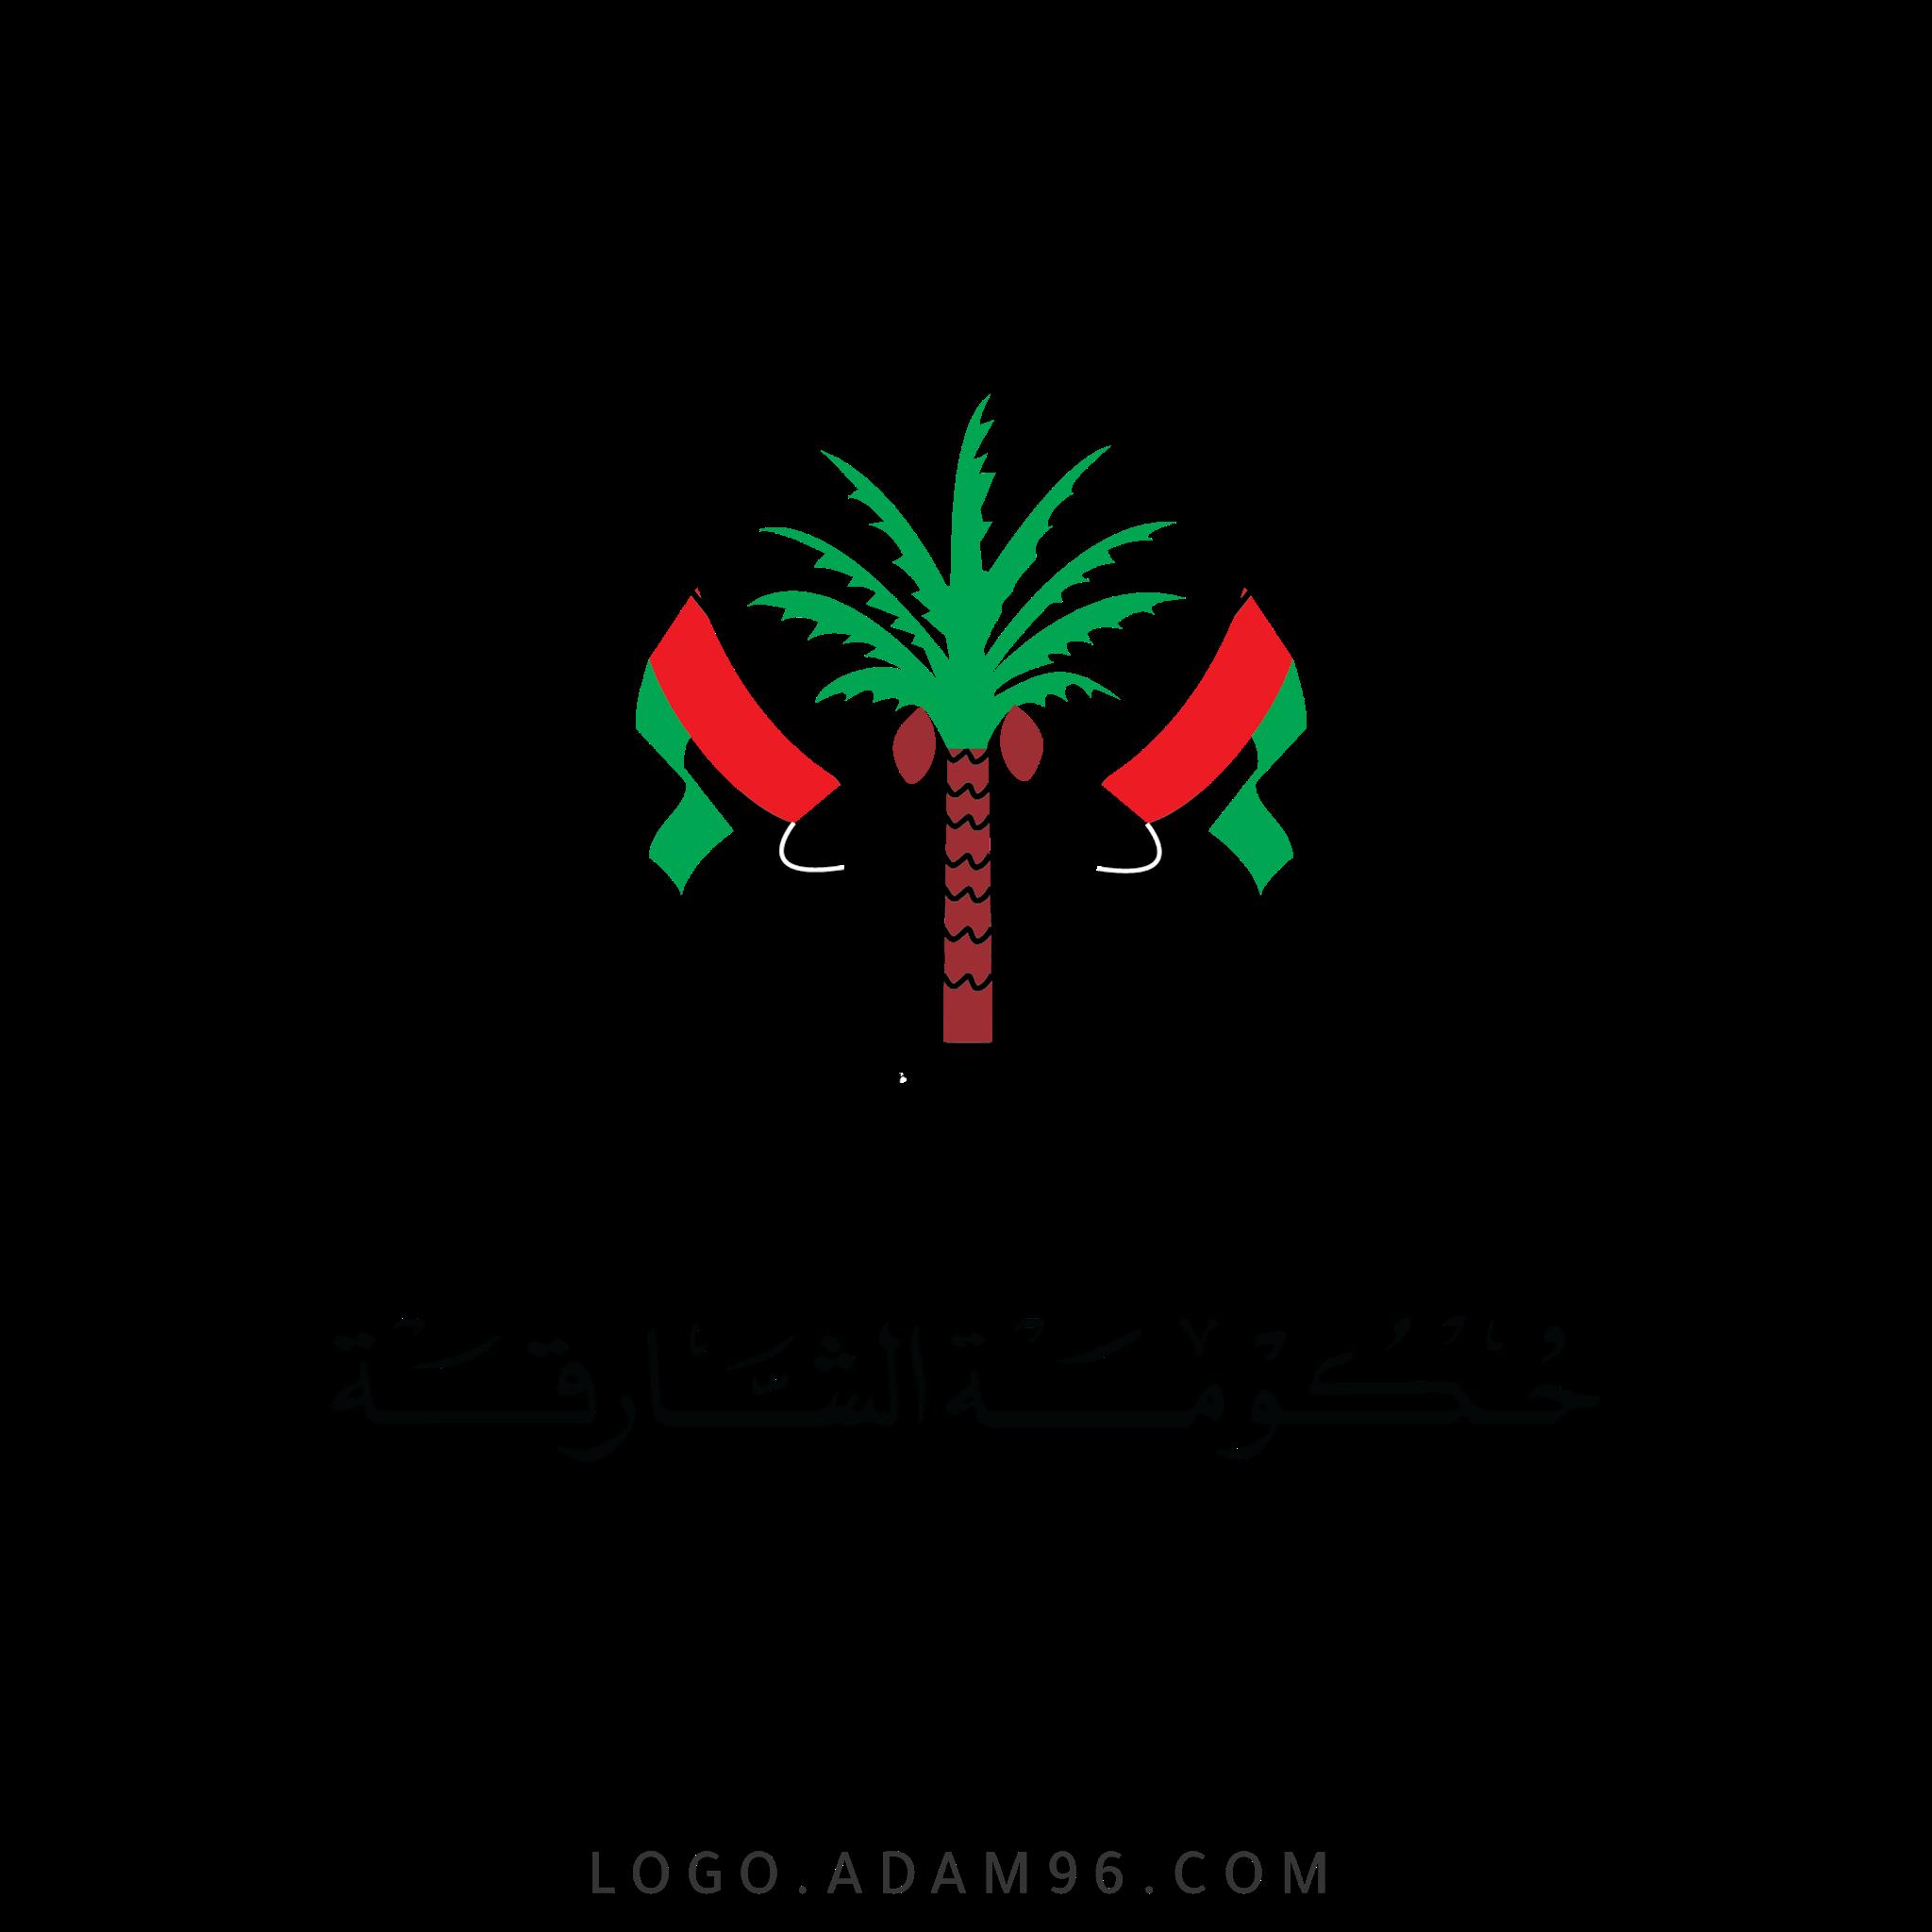 تحميل شعار حكومة الشارقة لوجو رسمي عالي الجودة بصيغة PNG